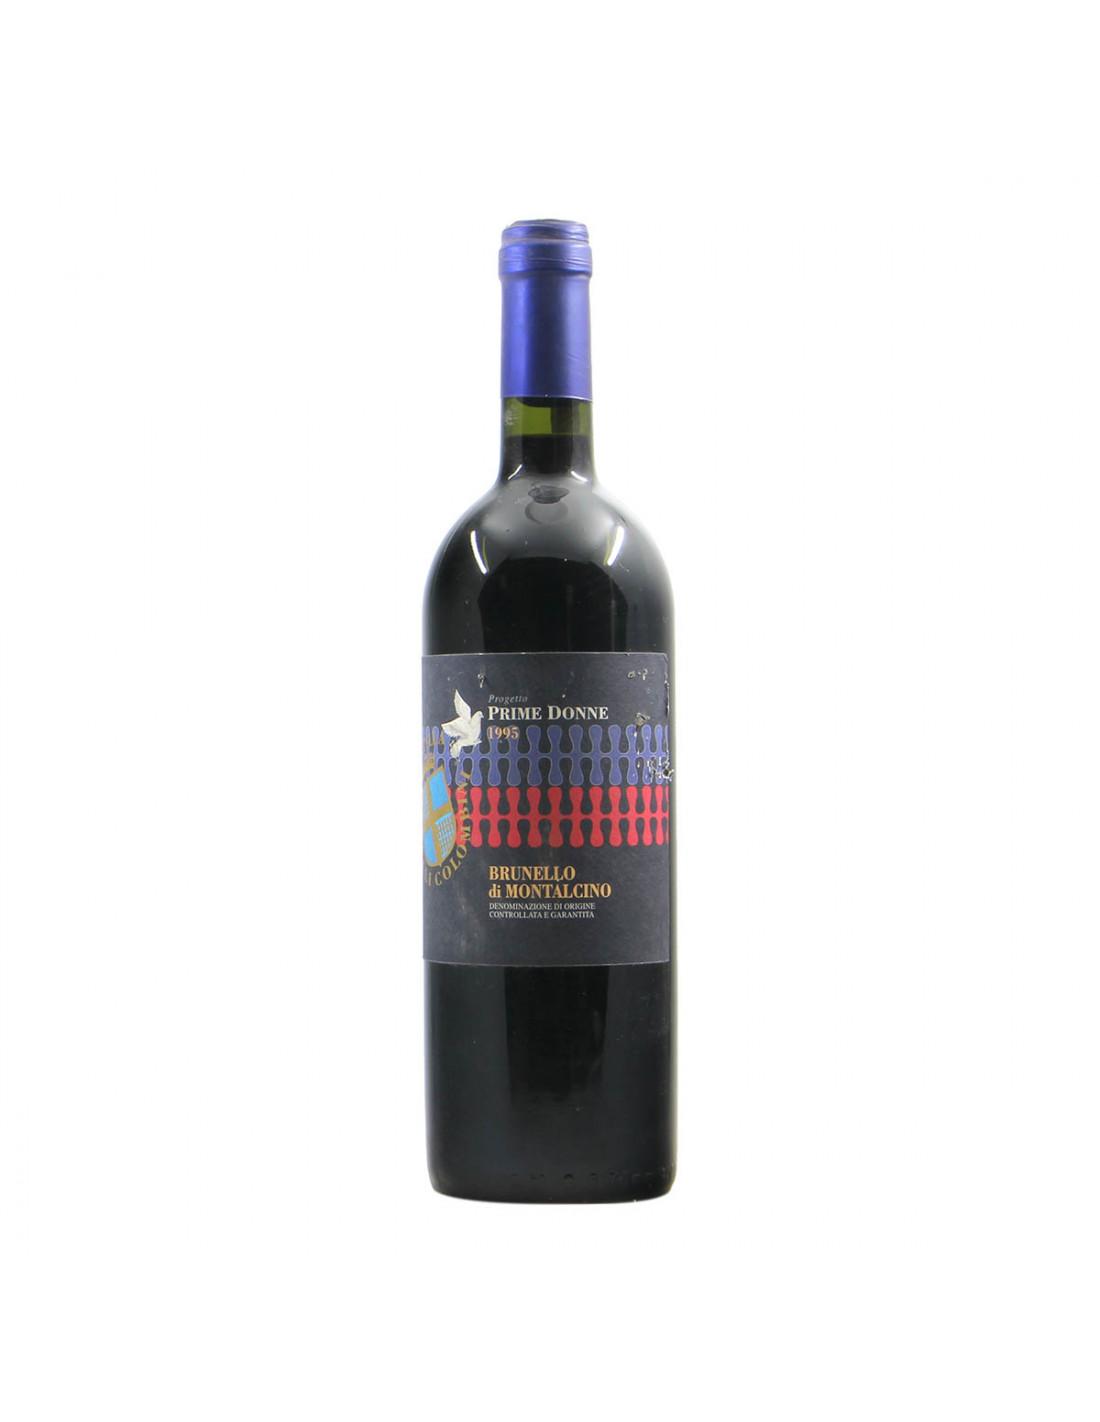 Cinelli Colombini Brunello di Montalcino 1995 Grandi Bottiglie